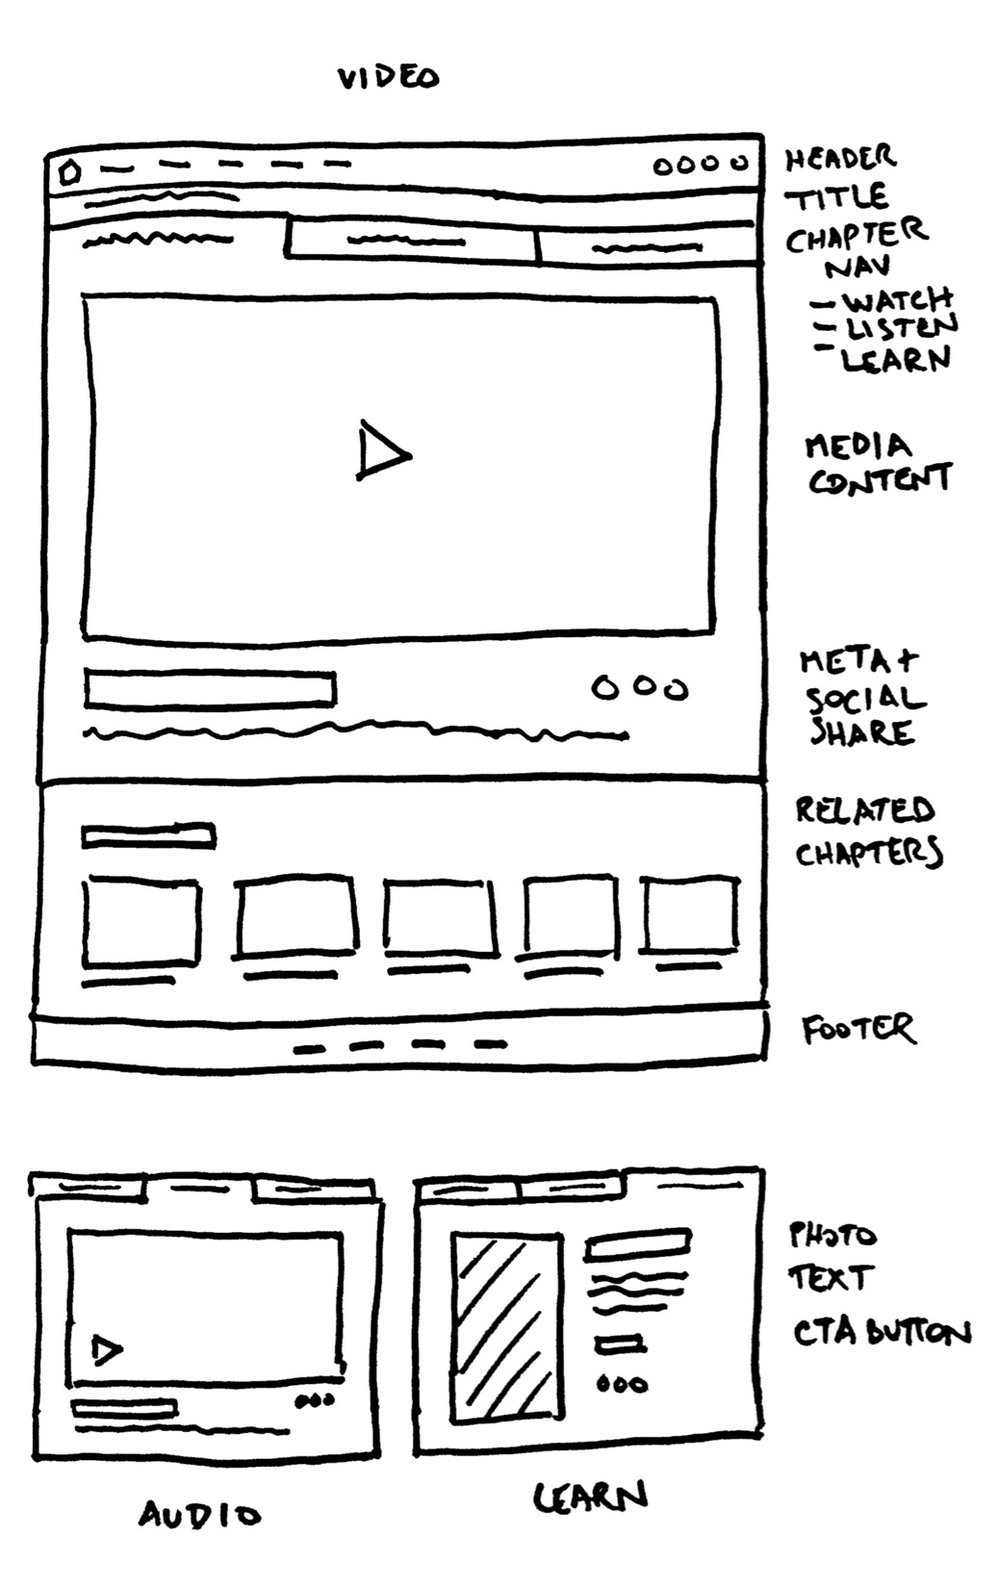 IA_Sketch_V2.jpg